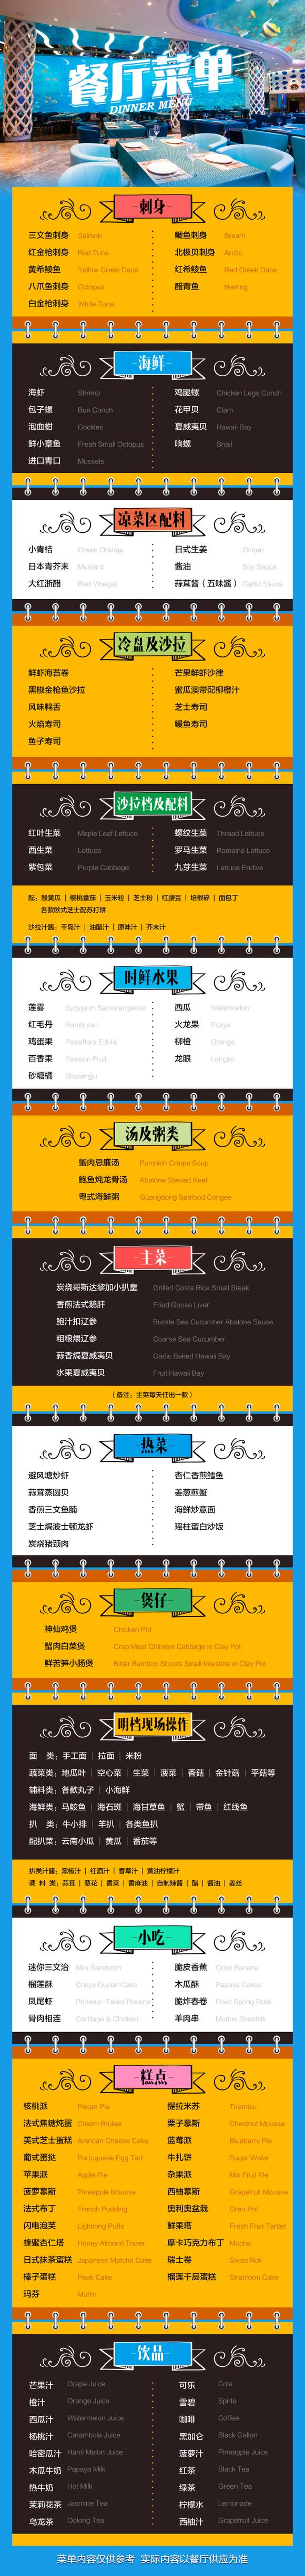 三亚瑞德姆海底餐厅 亚龙湾旅游海洋演绎主题自助bbq美食团购(中餐